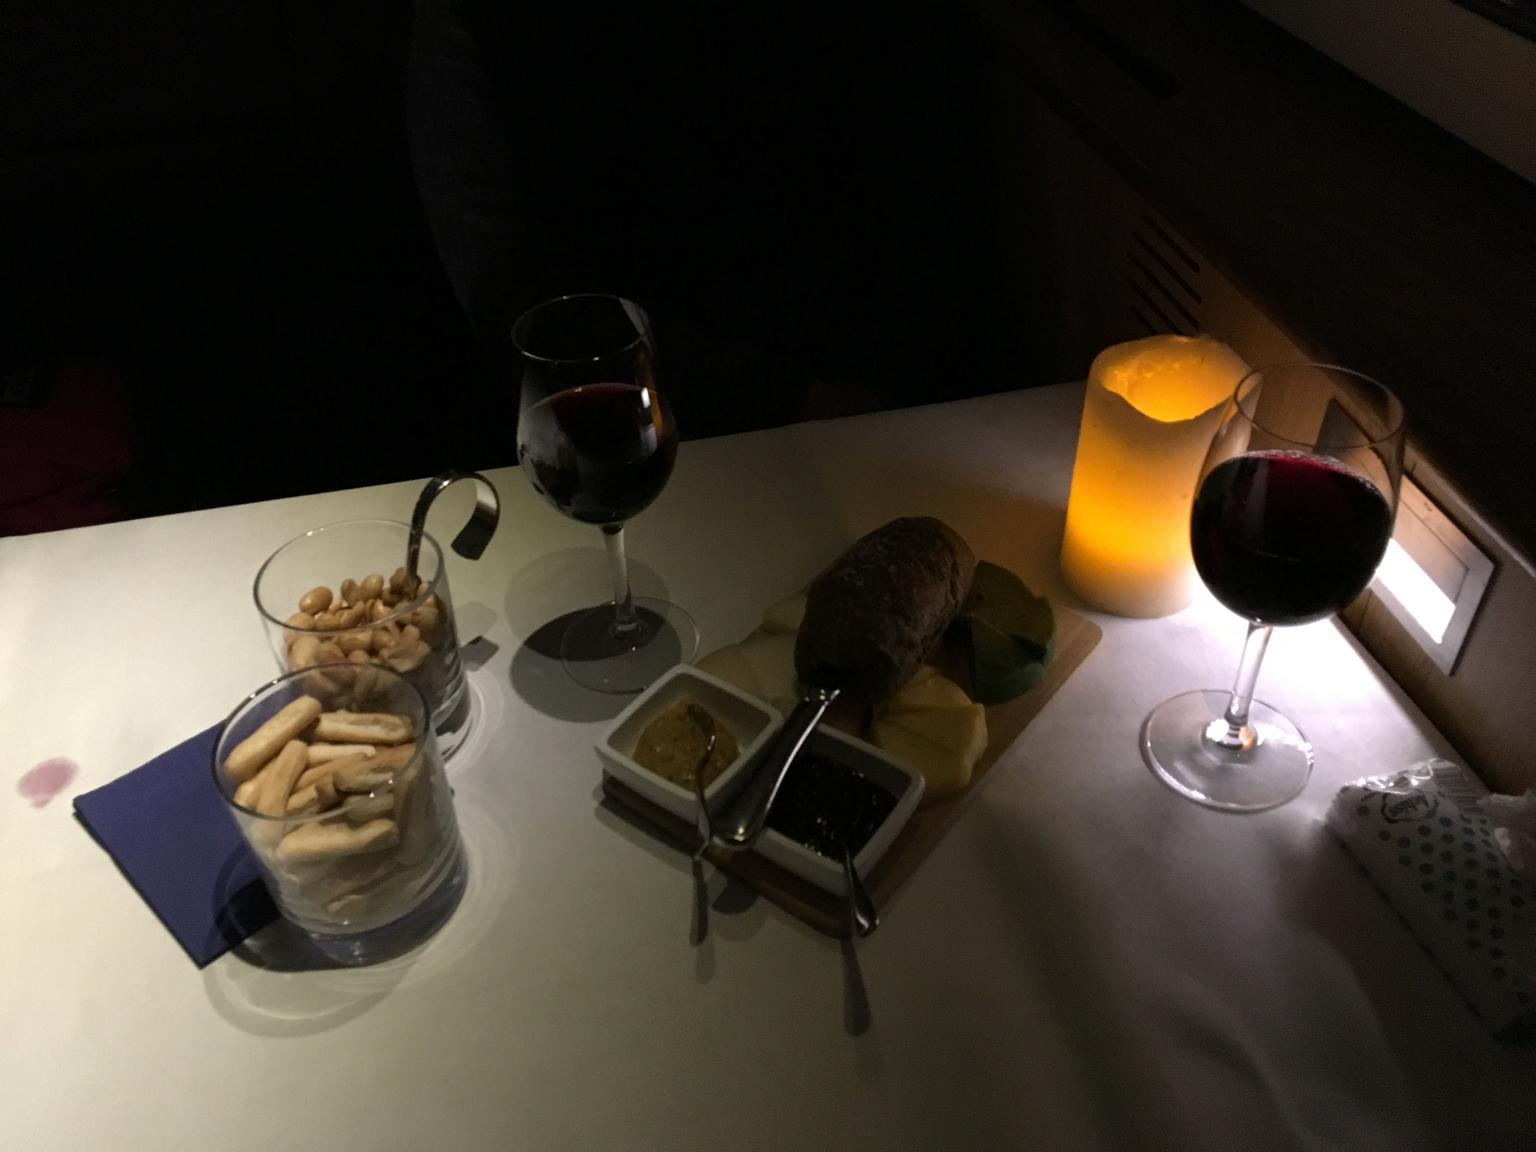 MÁS FOTOS, Crucero por Ámsterdam con degustación de vino y queso a la luz de las velas